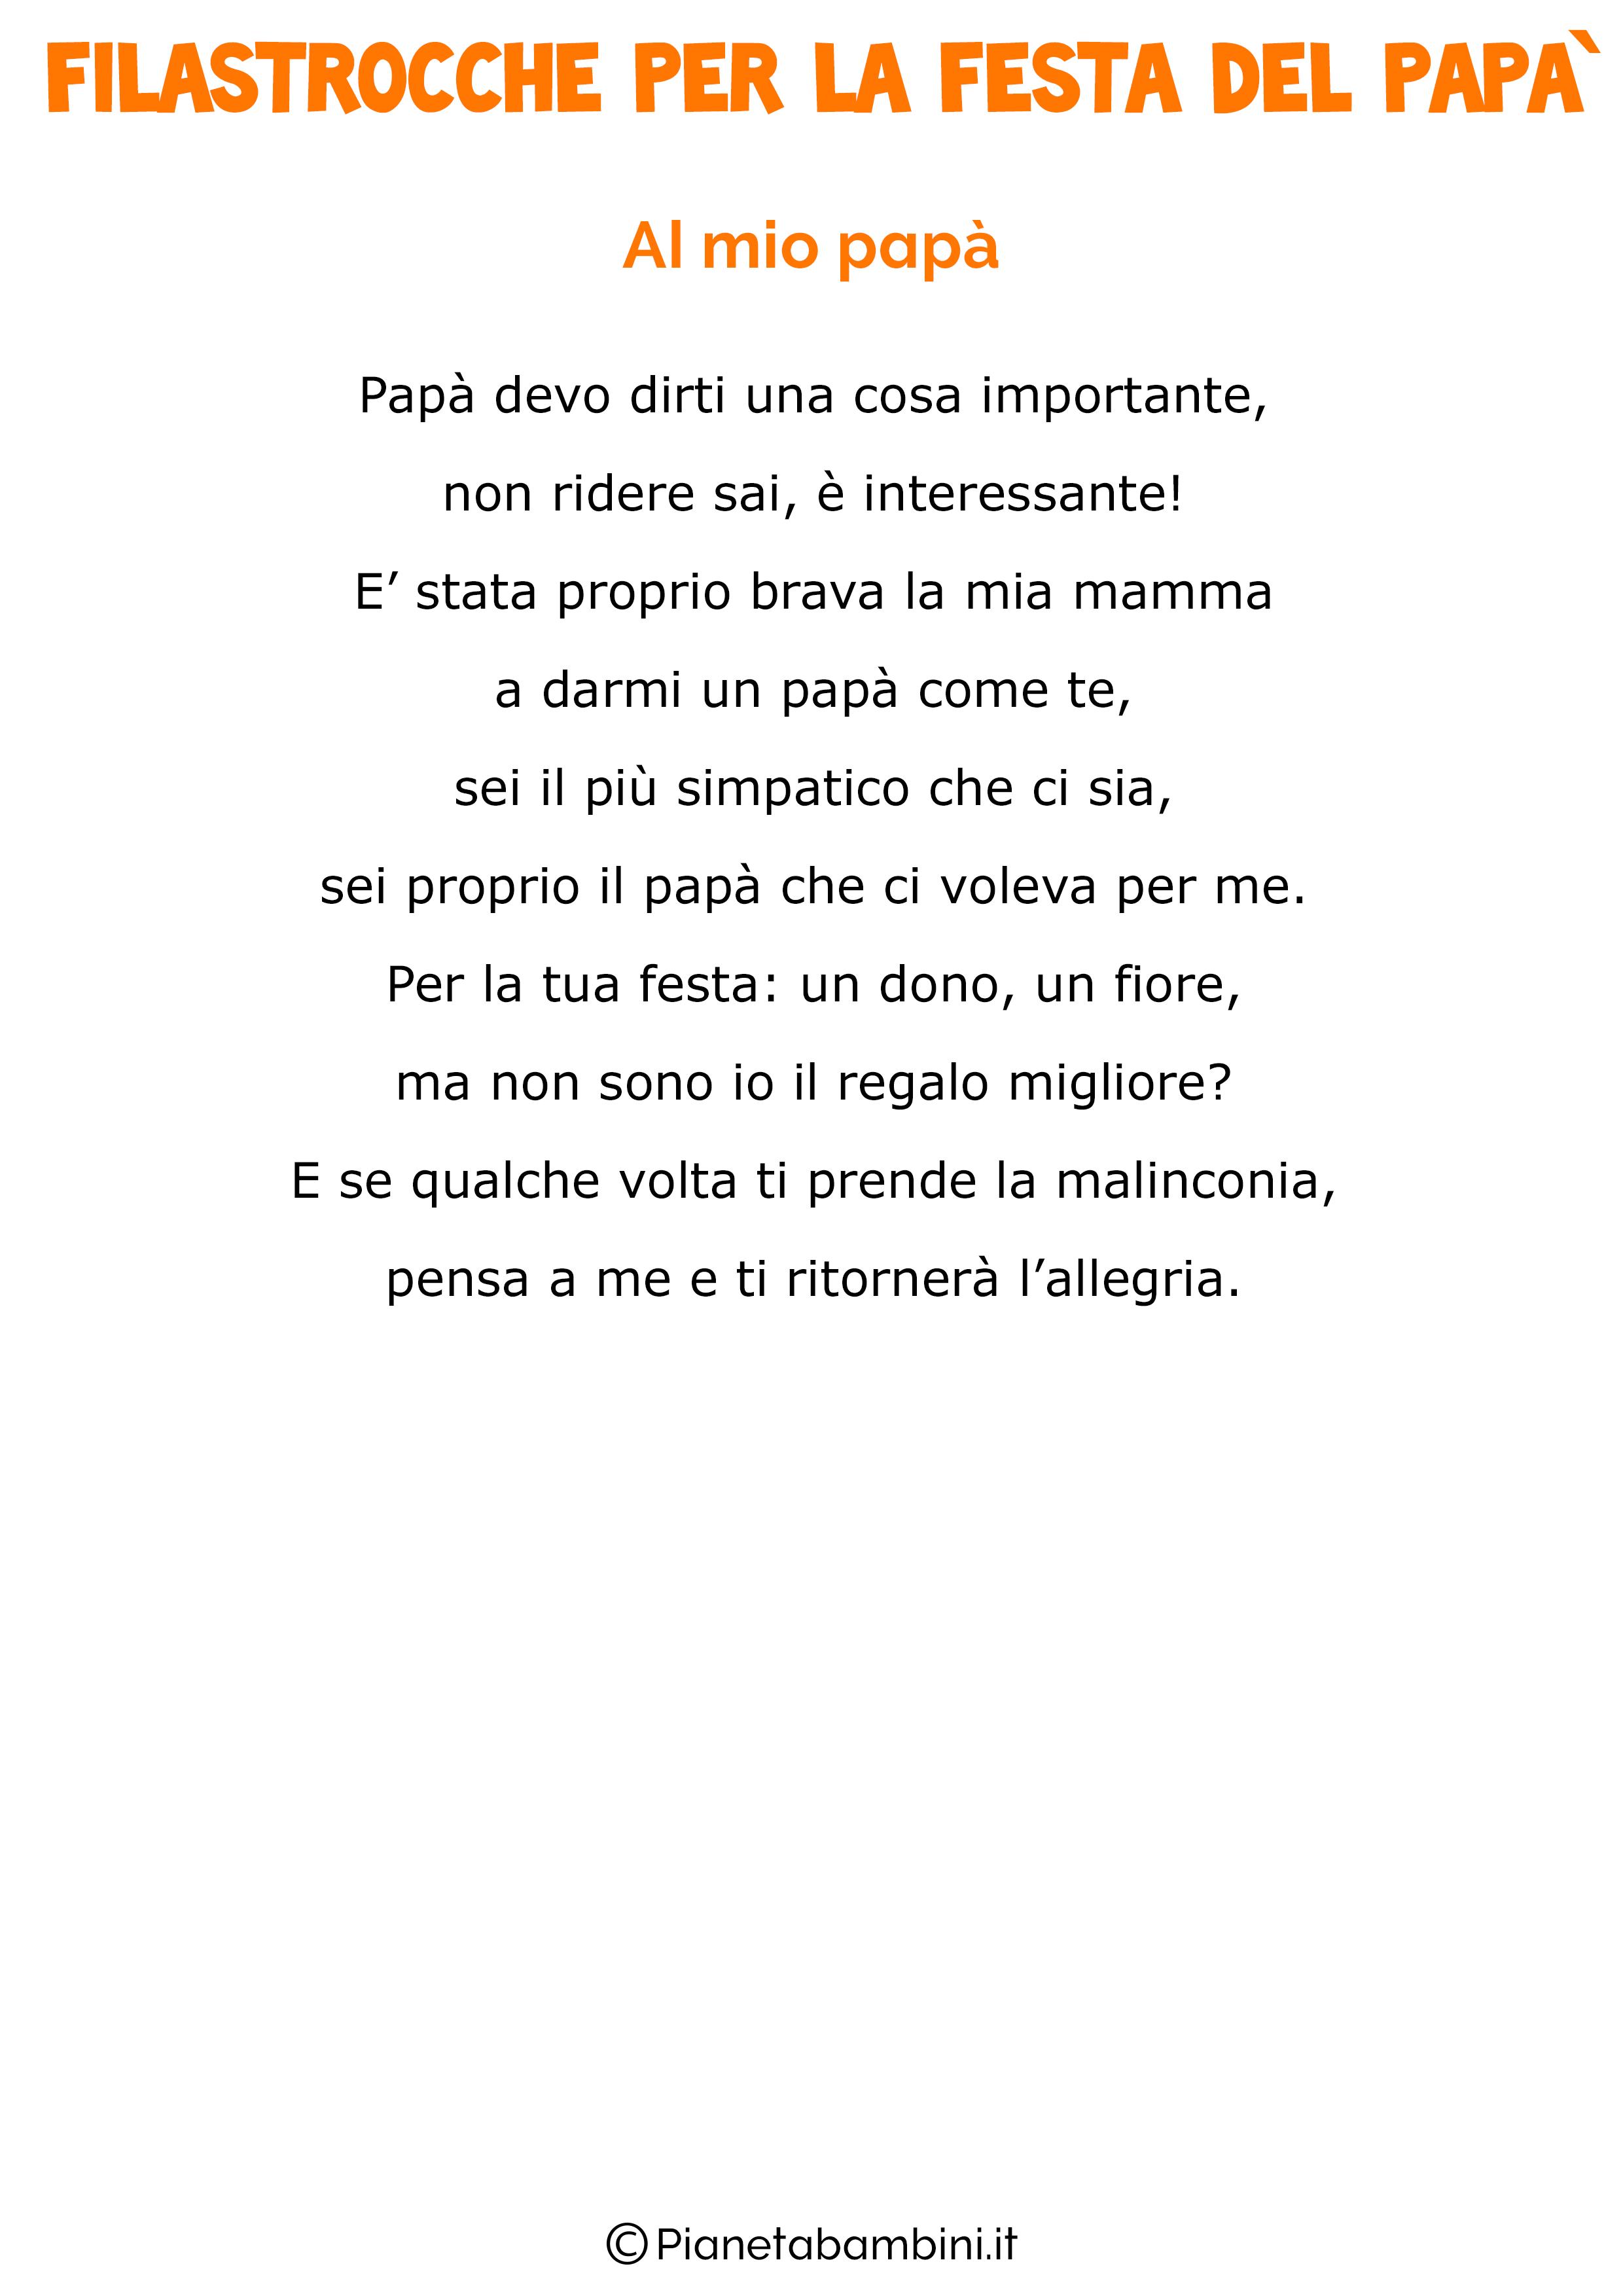 Al-Mio-Papa